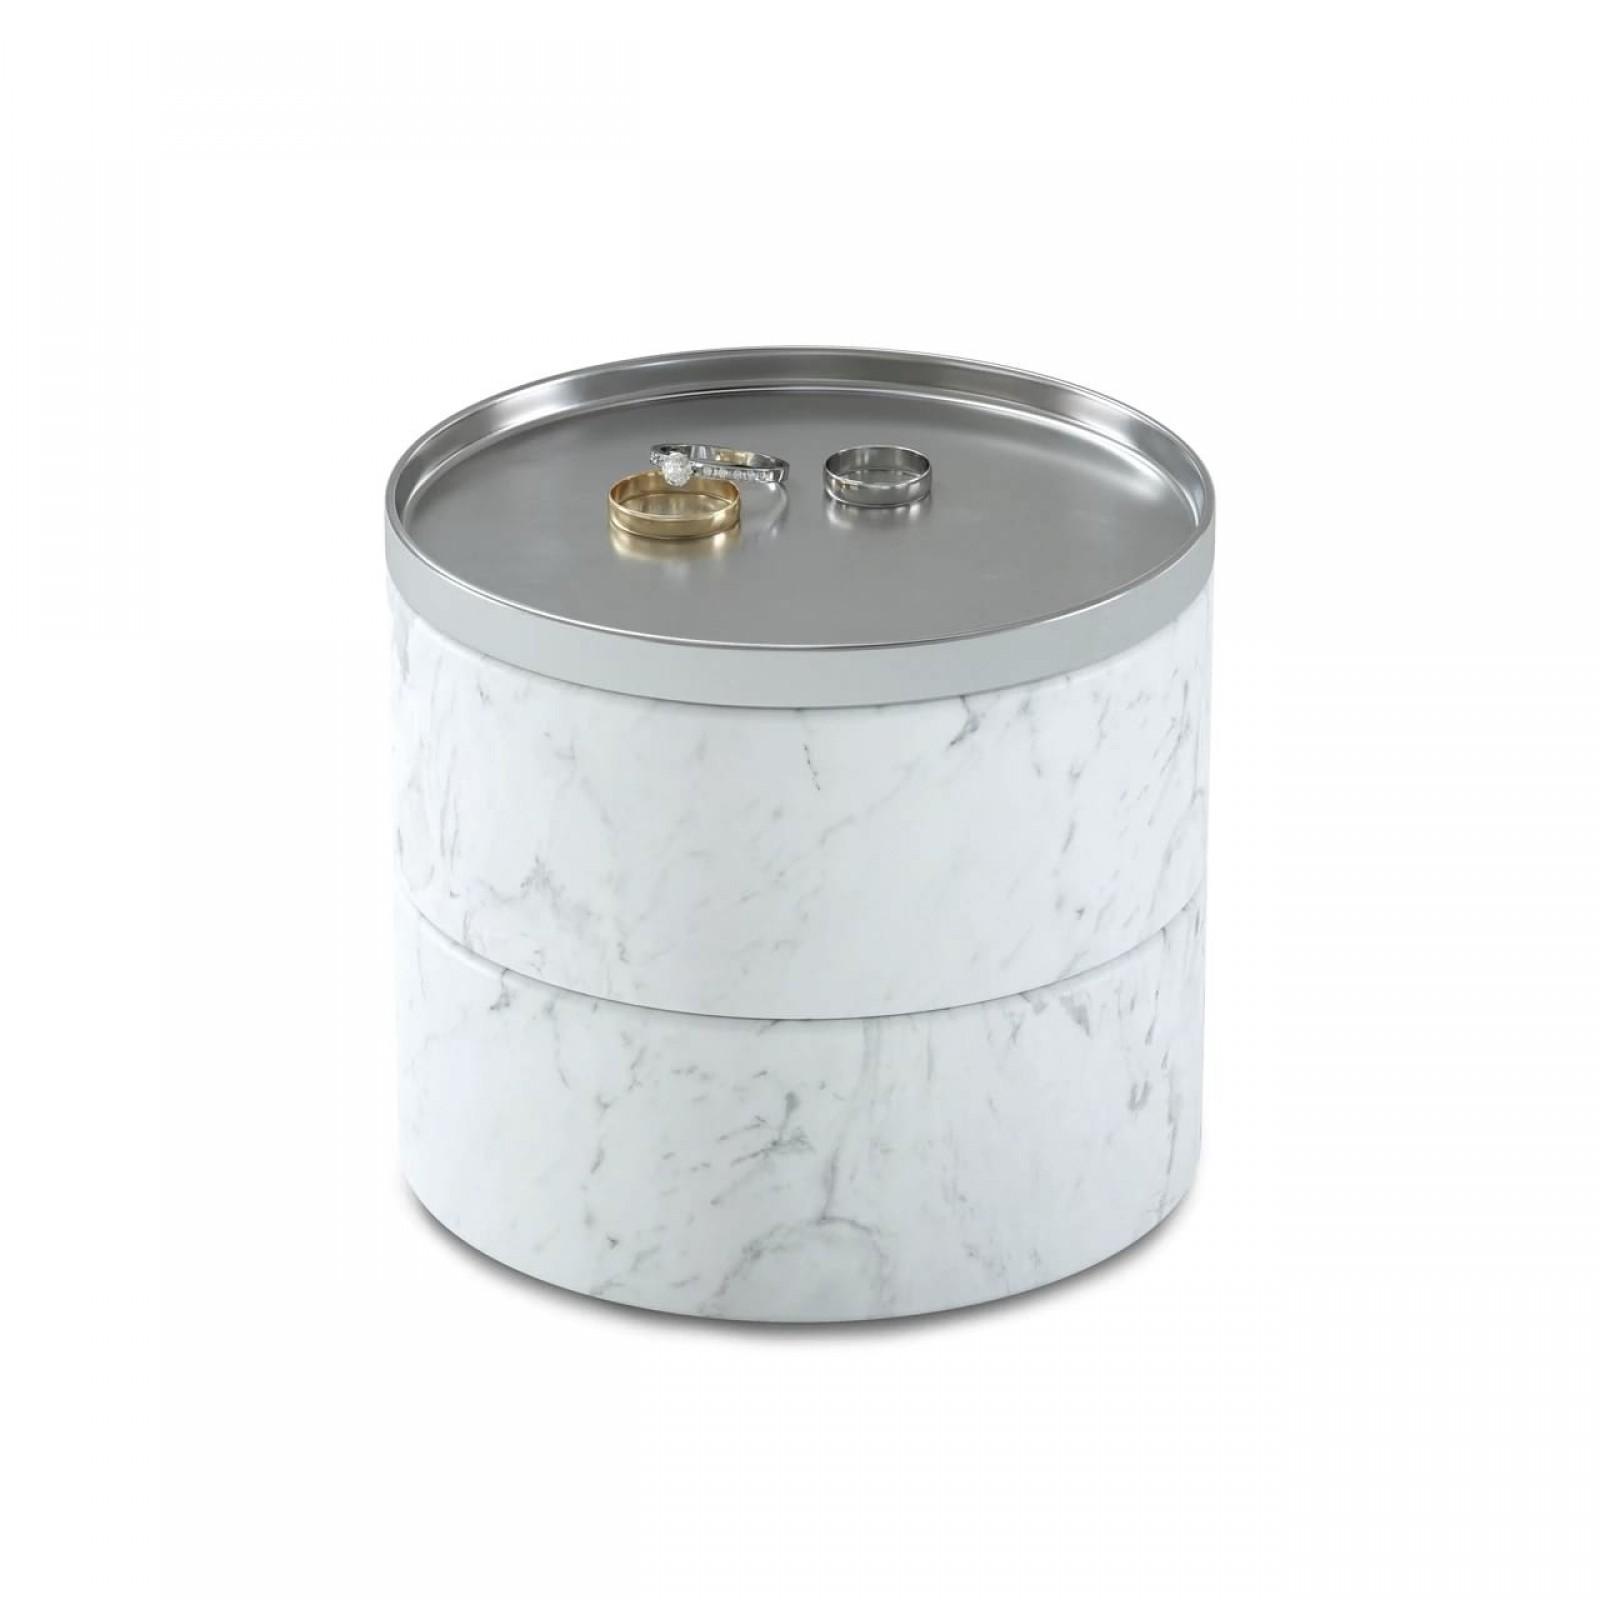 Tesora Jewelry Box (White / Nickel) - Umbra